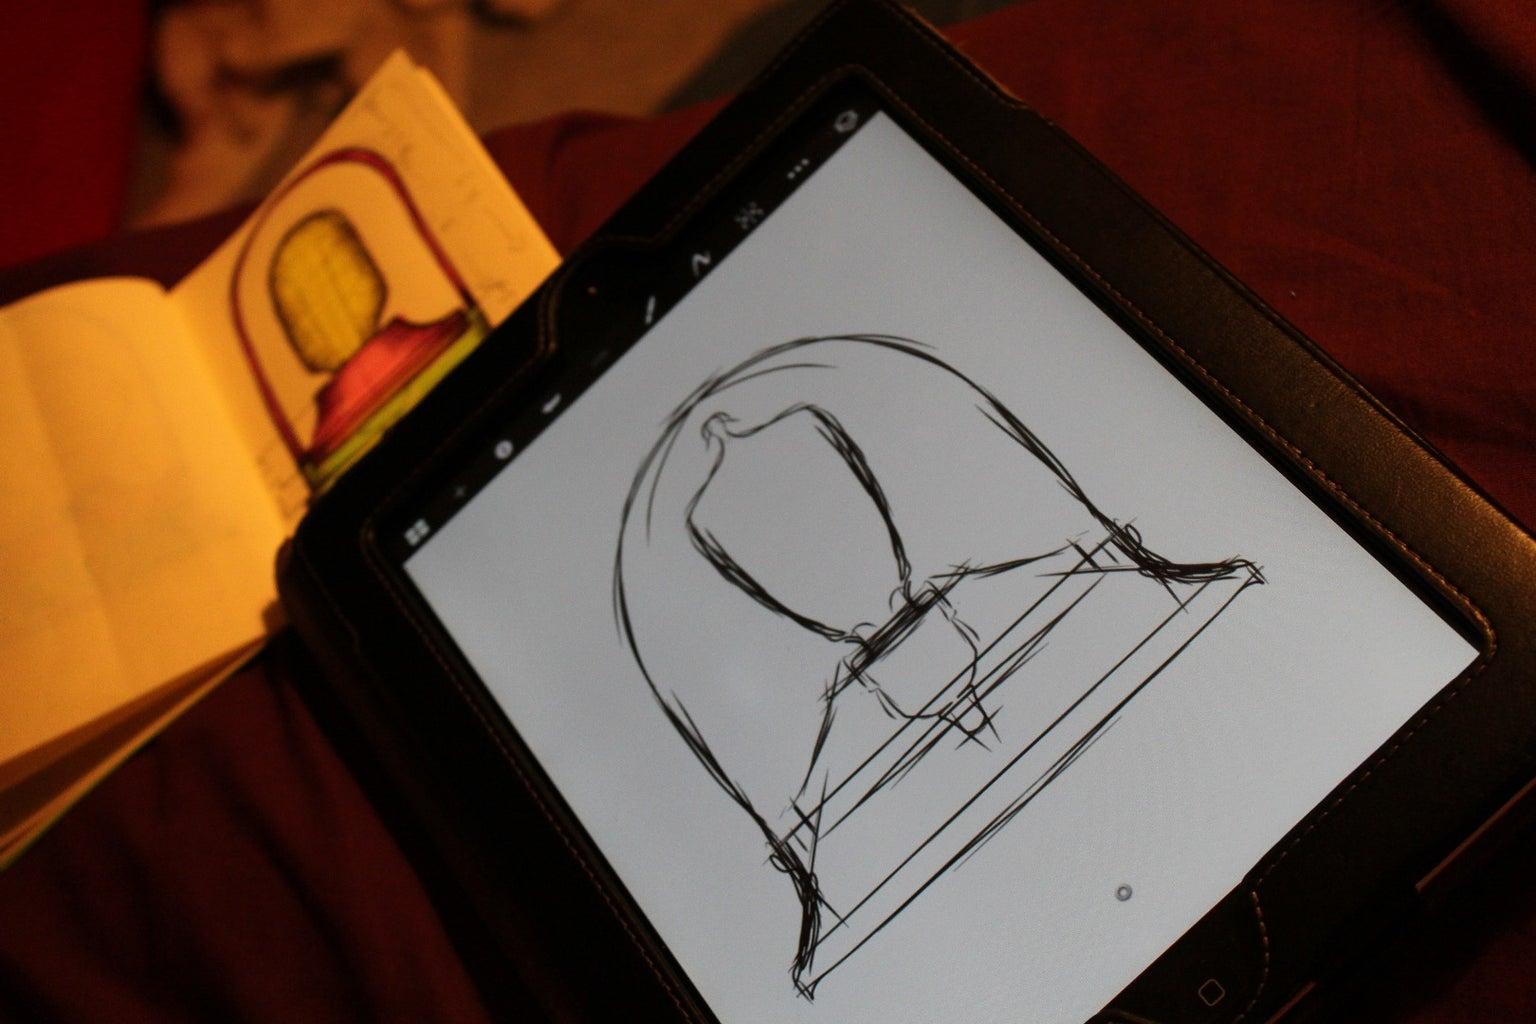 Using SketchBookX